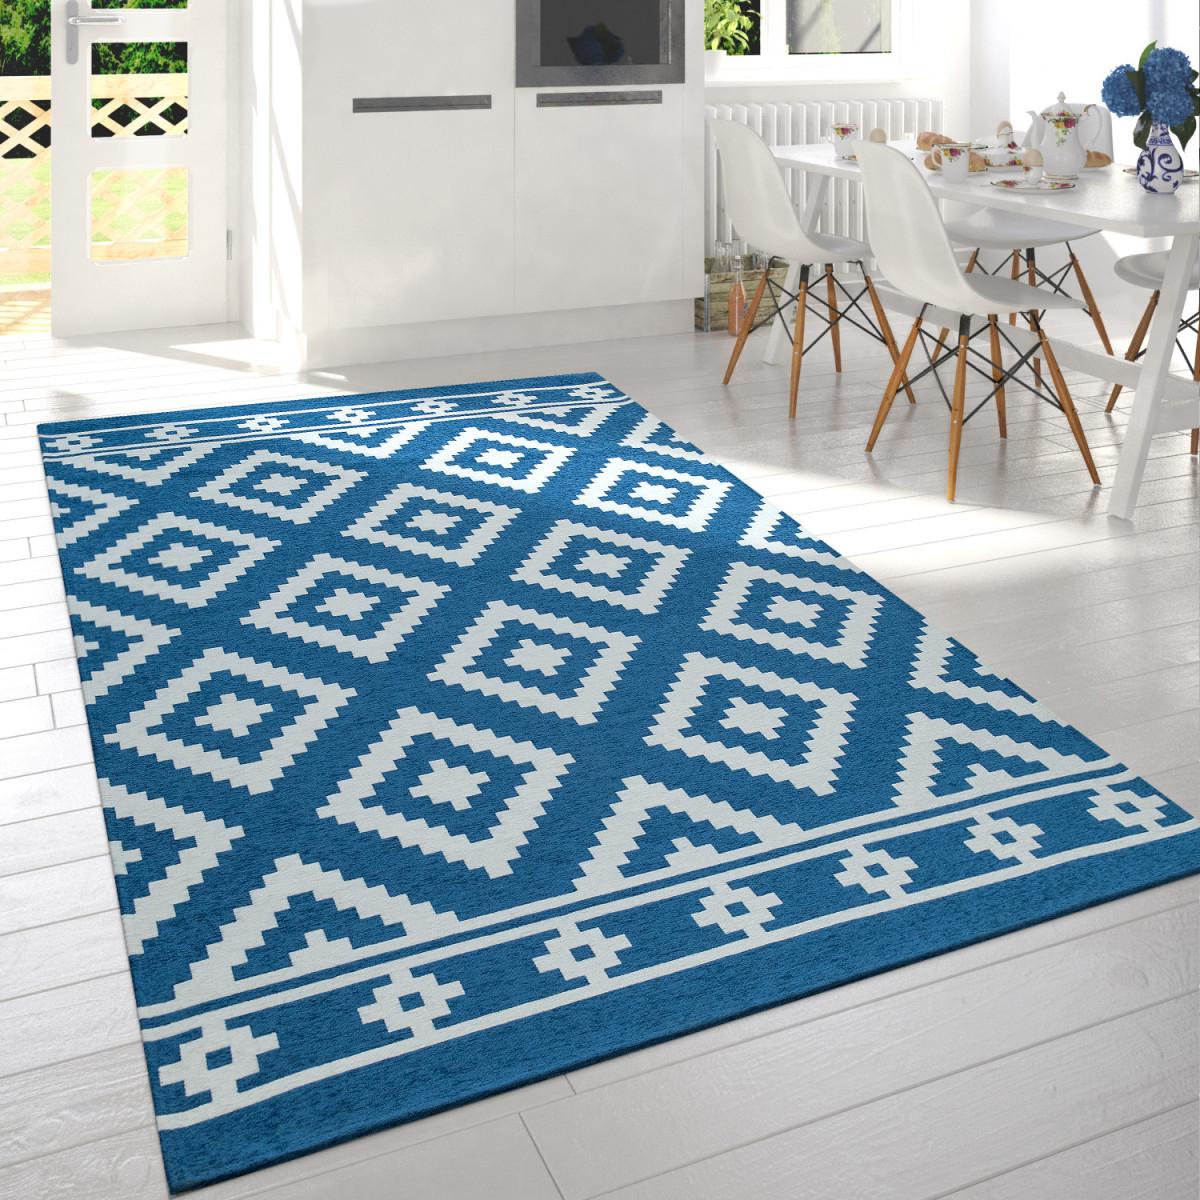 Details Zu Moderner Wohnzimmer Kurzflor Teppich Skandi Design Rauten Muster  In Blau Weiß von Teppich Wohnzimmer Blau Photo